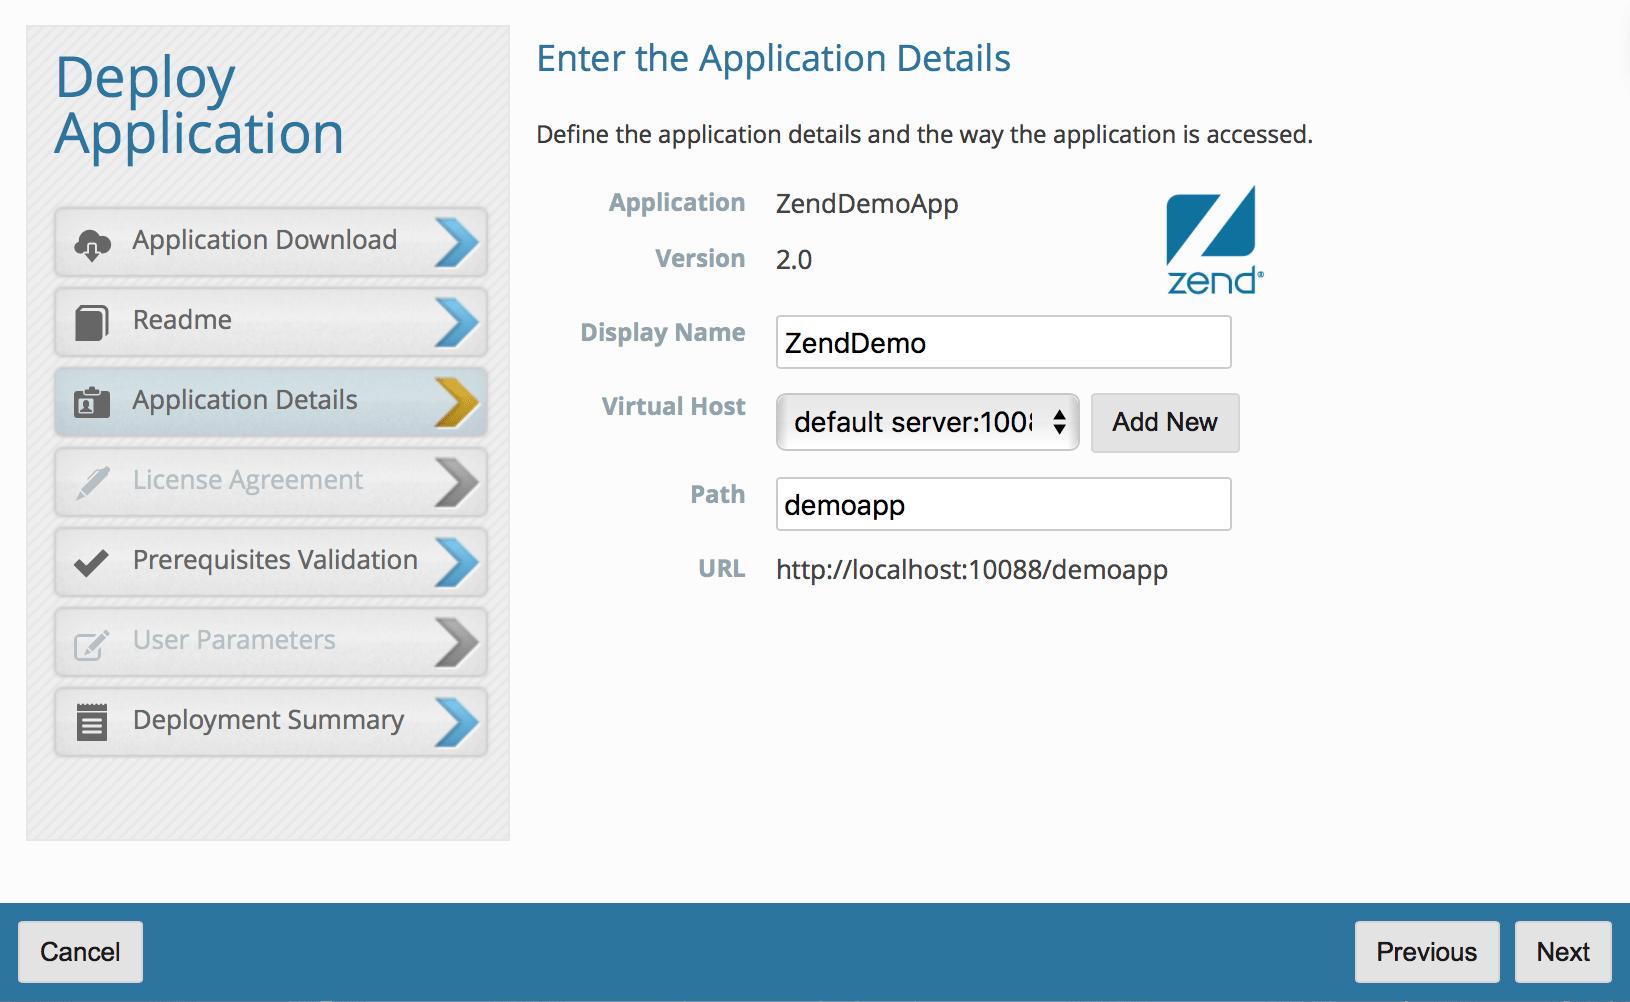 Enter Zend demo app details